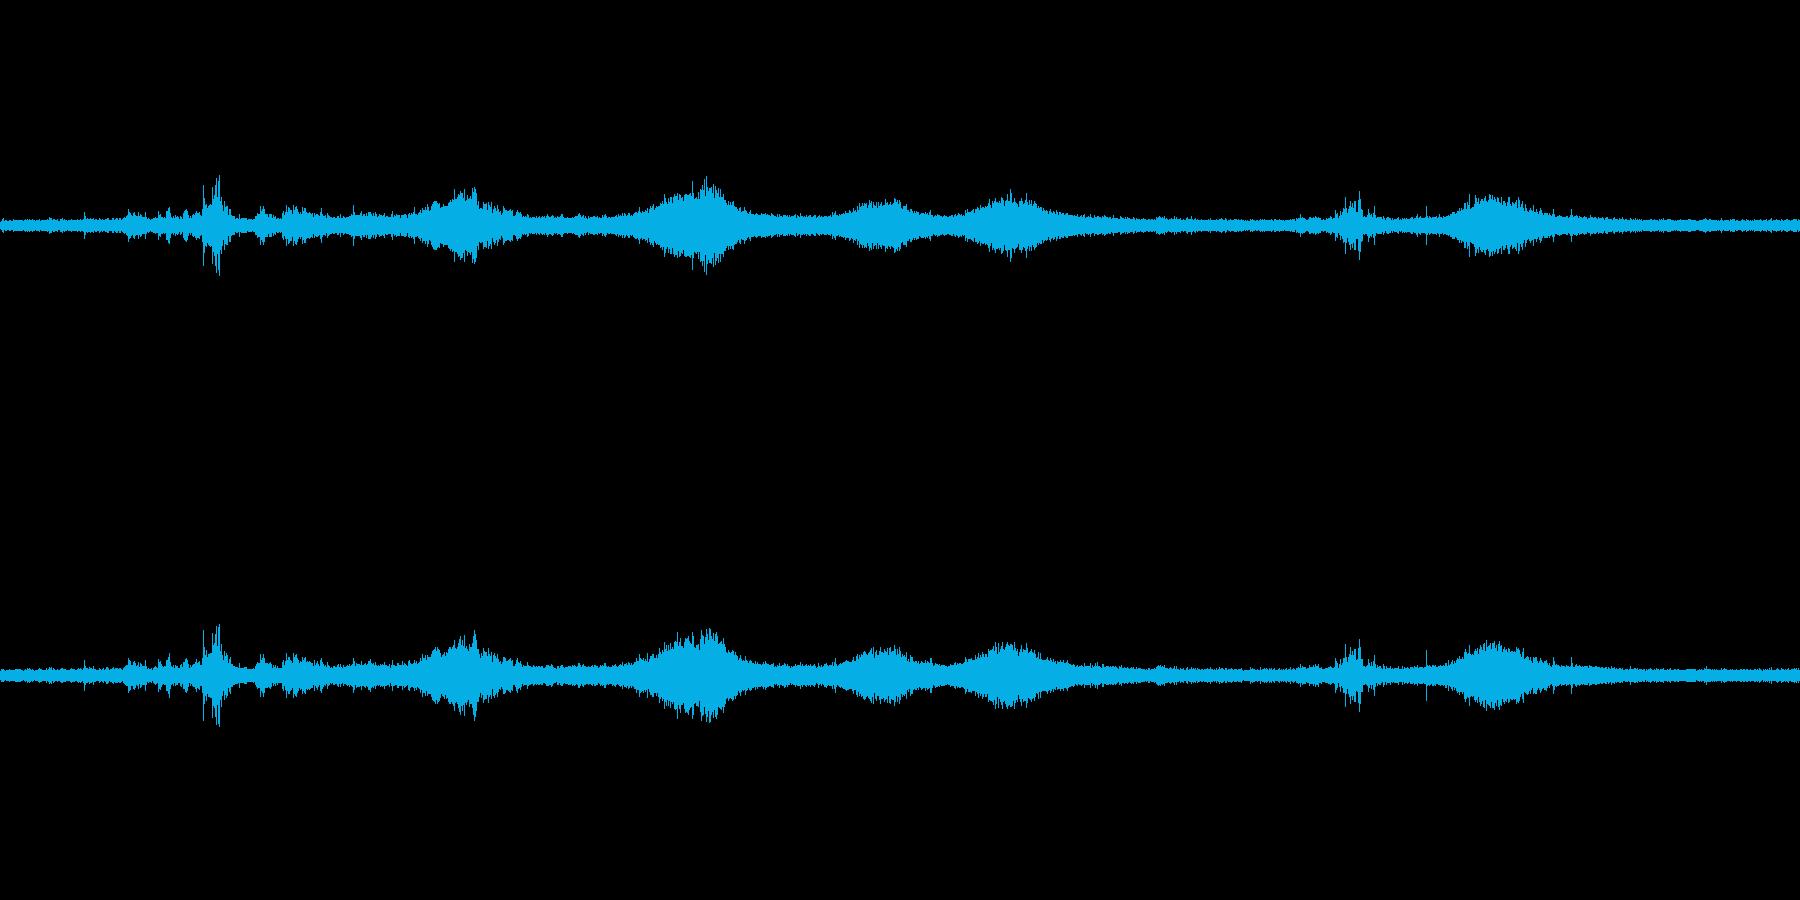 【生音】雷雨20 - 雨と雷と通行音 …の再生済みの波形